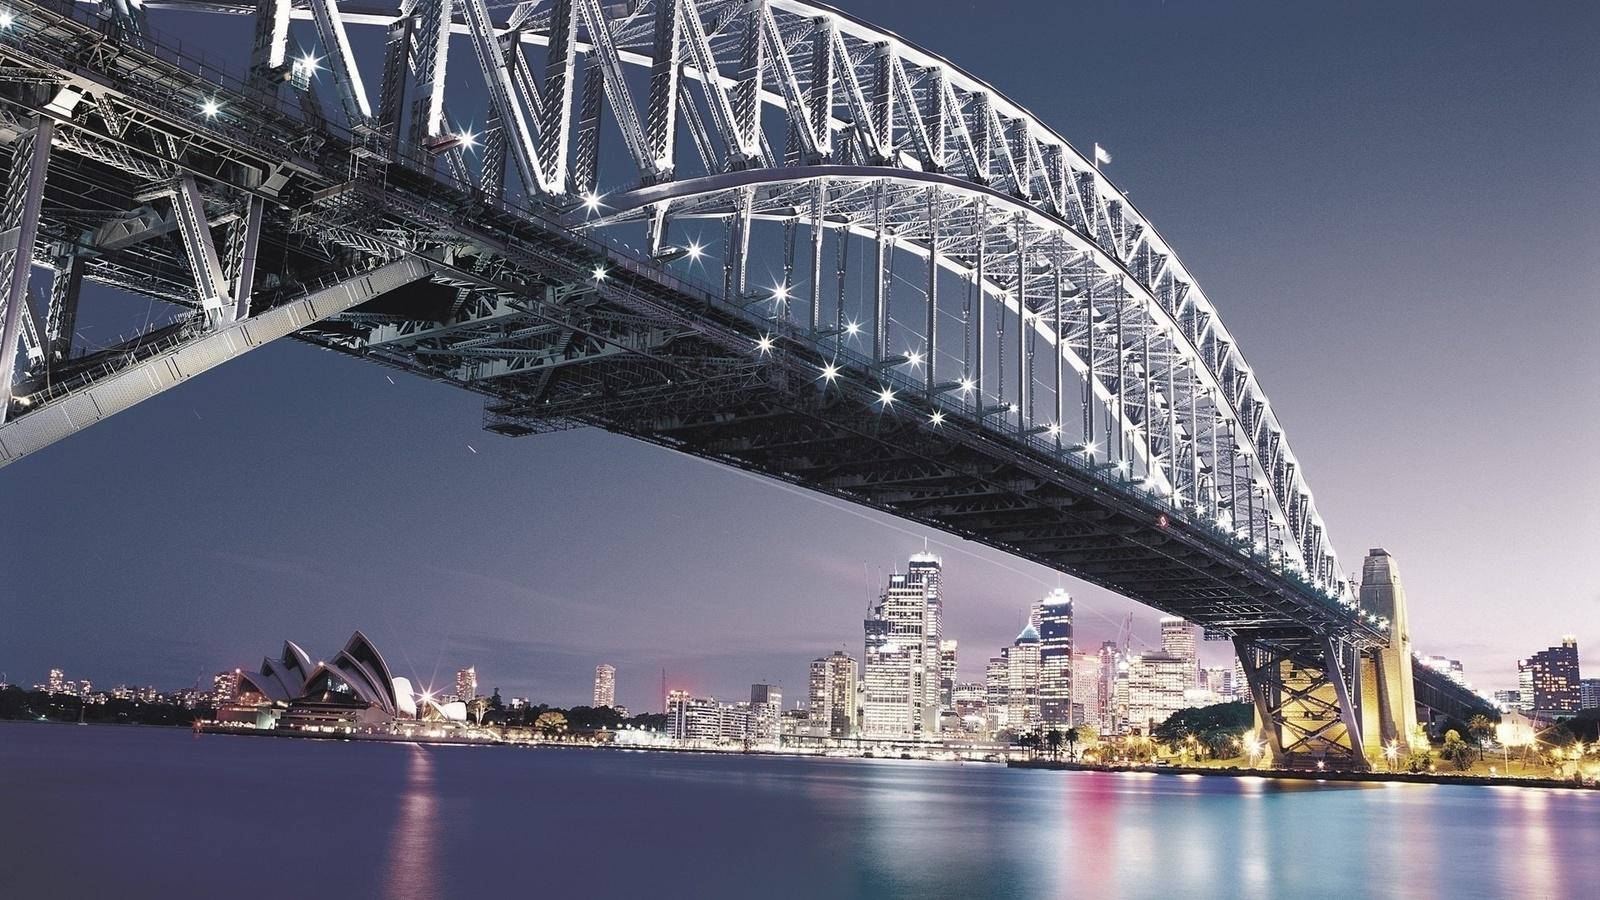 Для, картинка с мостами